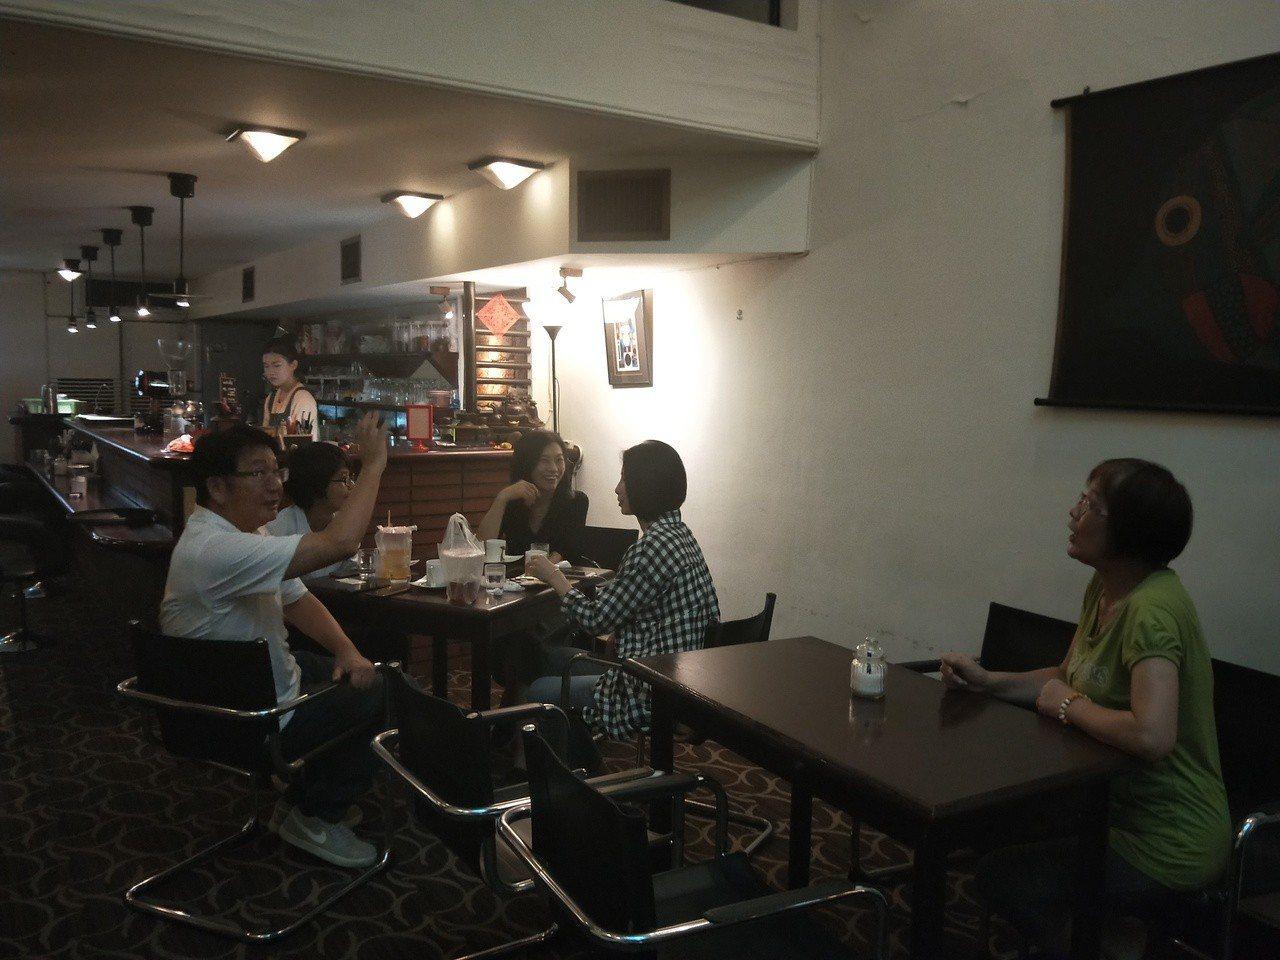 營運40年的基隆上島咖啡店本月底吹熄燈號,這幾天有不少基隆人、旅人來喝老味道。記...